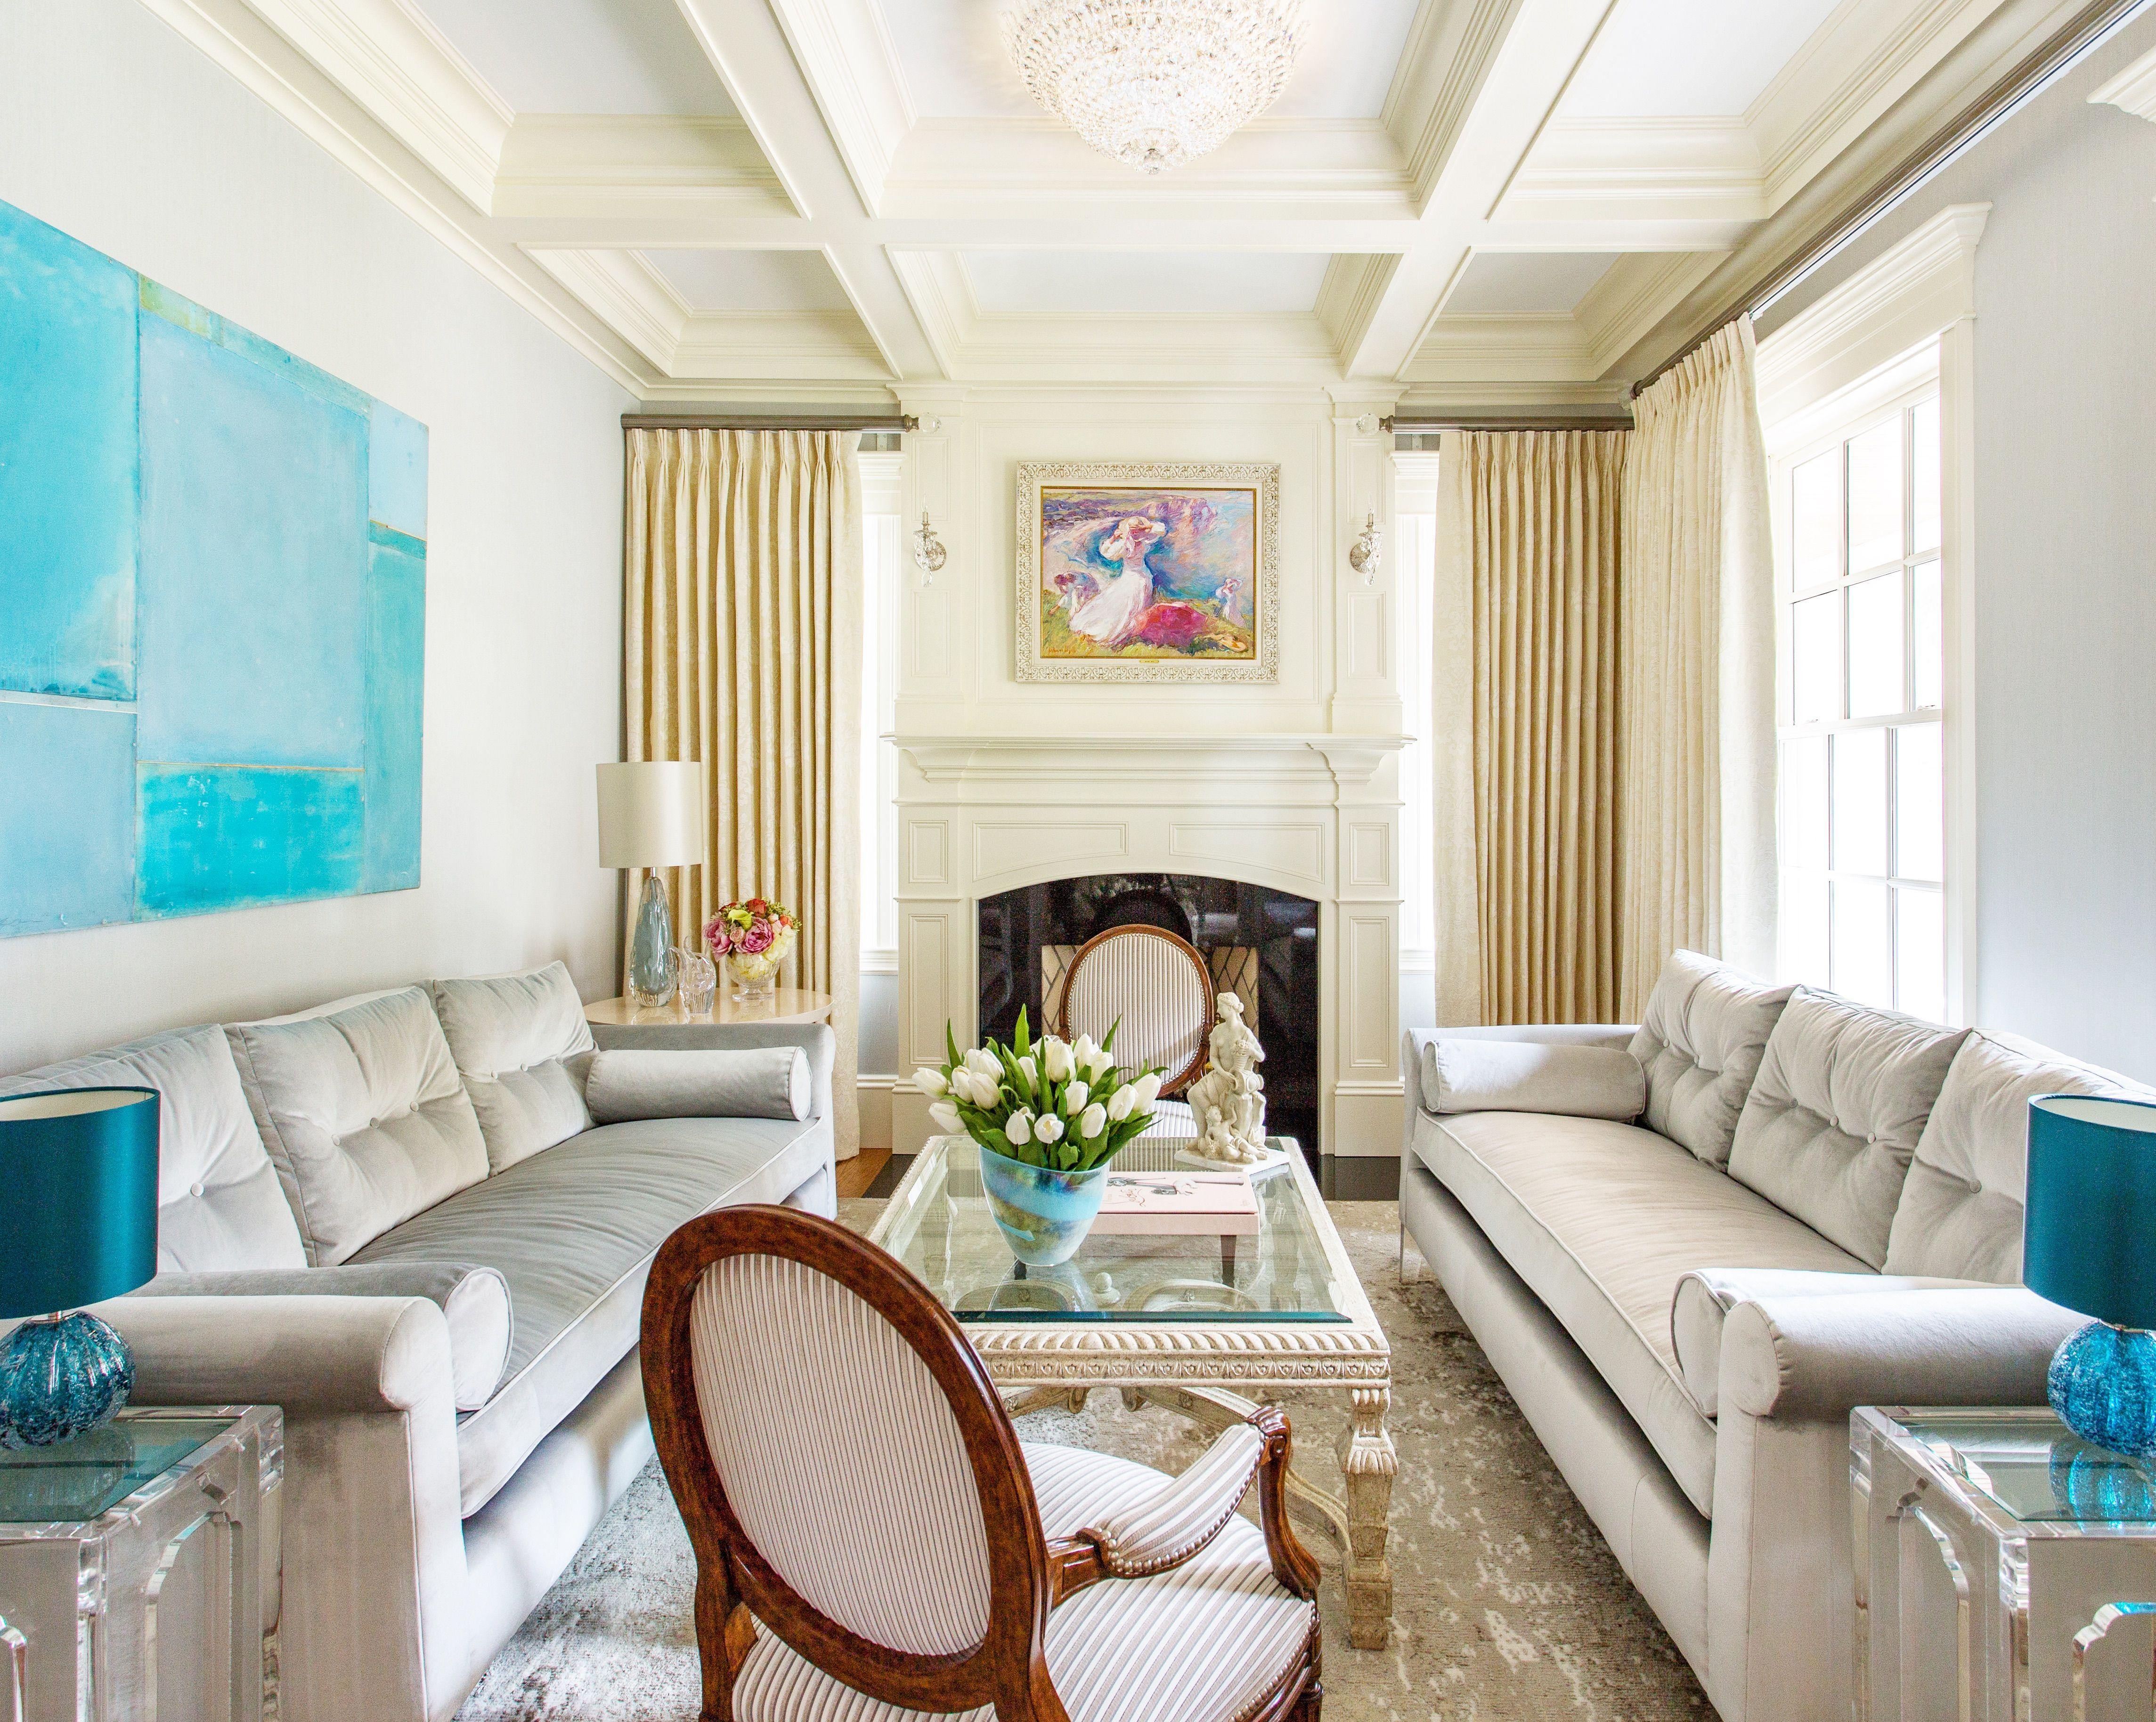 pincatherine  mcclure interiors on elegant design